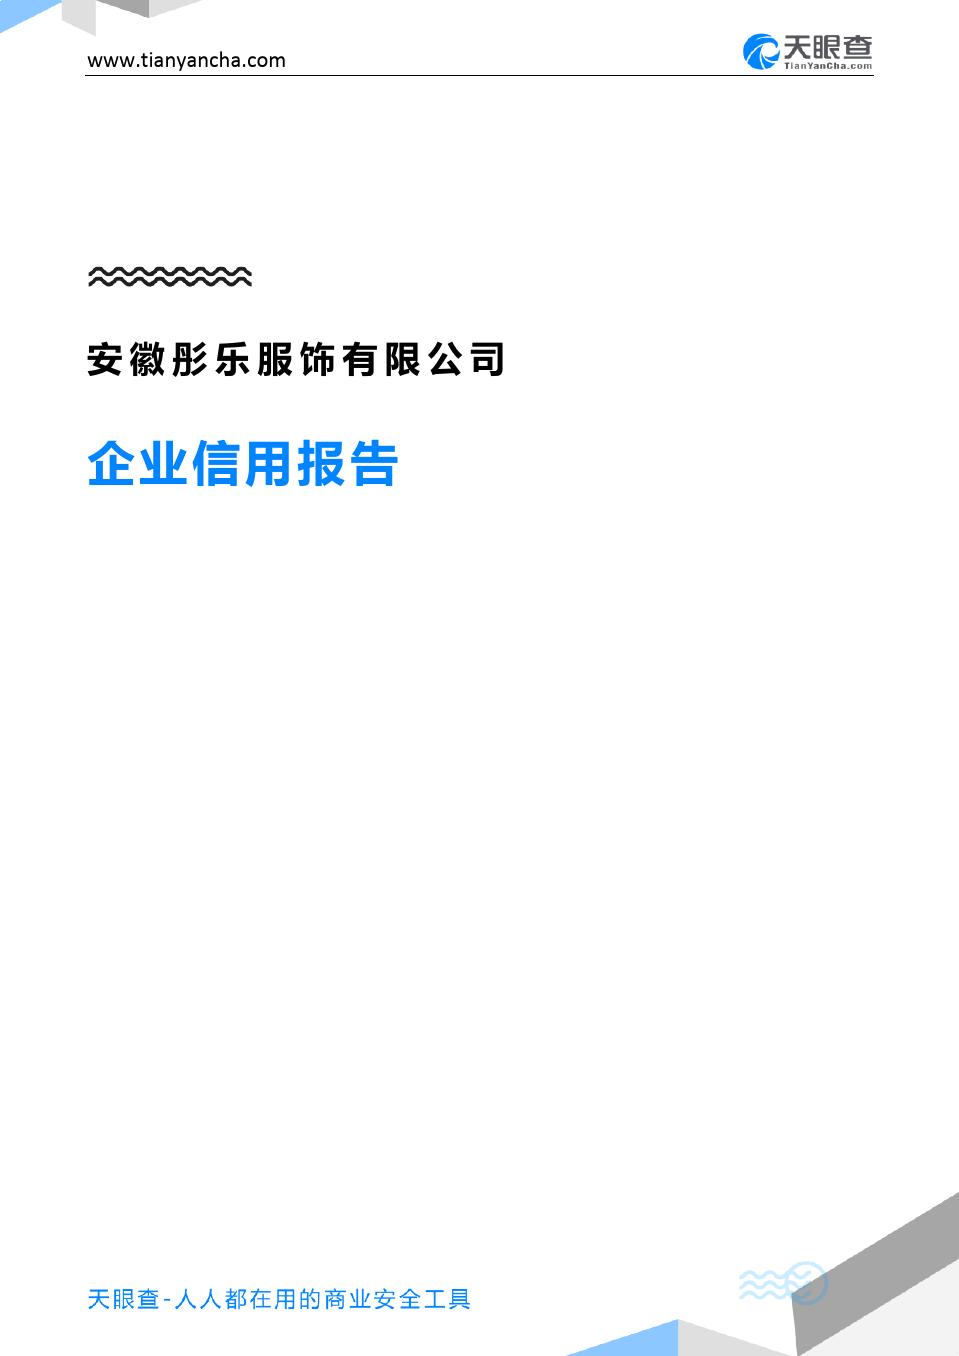 安徽彤乐服饰有限公司(企业信用报告)- 天眼查